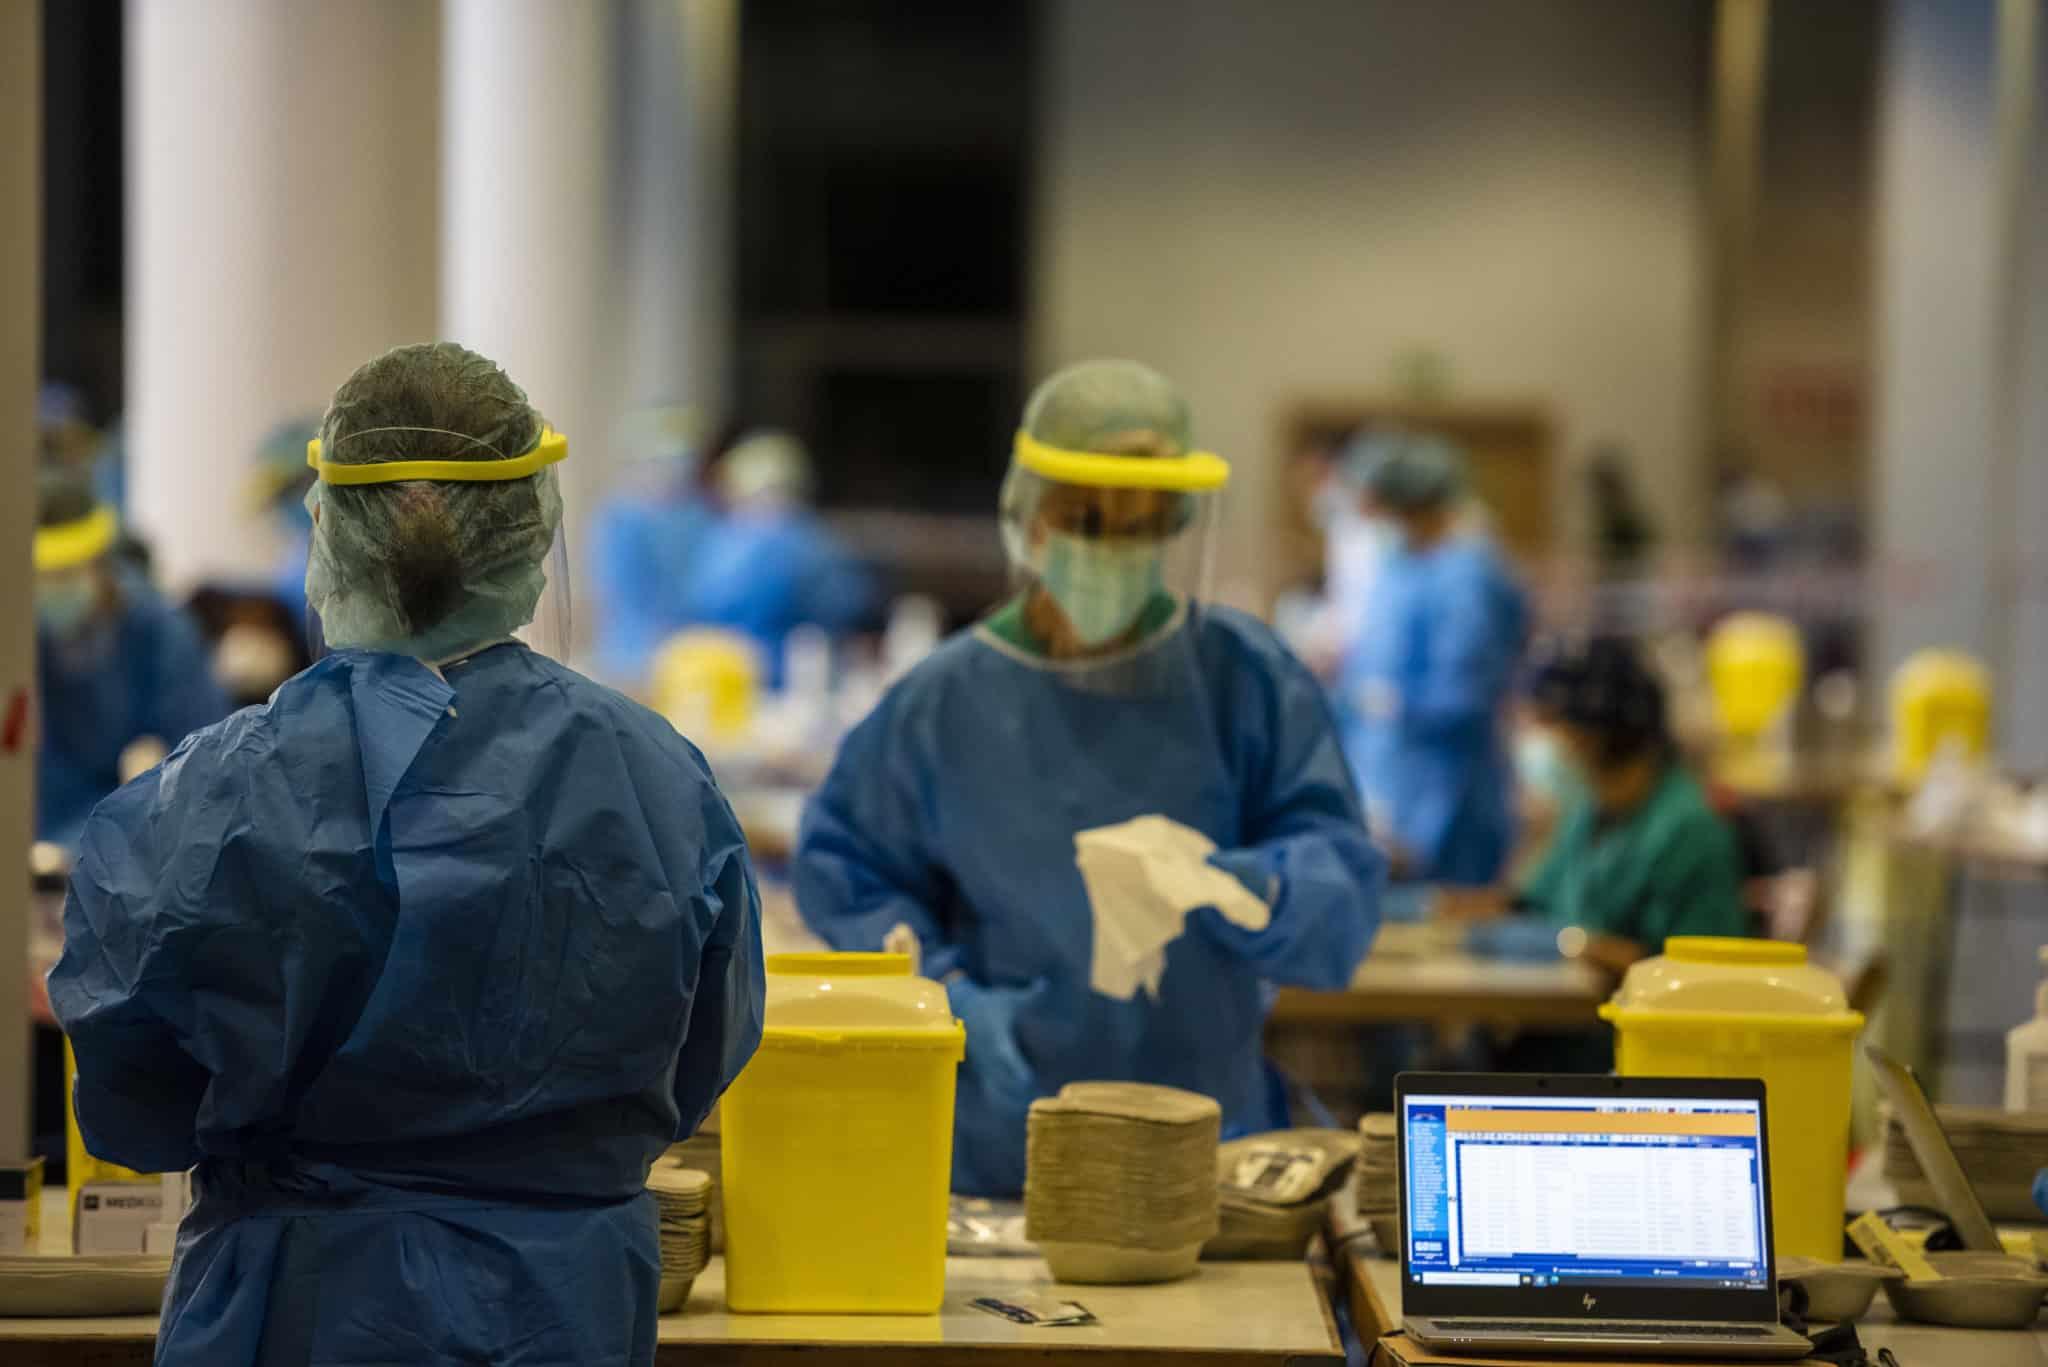 El dispositivo especial de cribado en Logroño recoge más de 800 muestras en las cuatro primeras horas 2